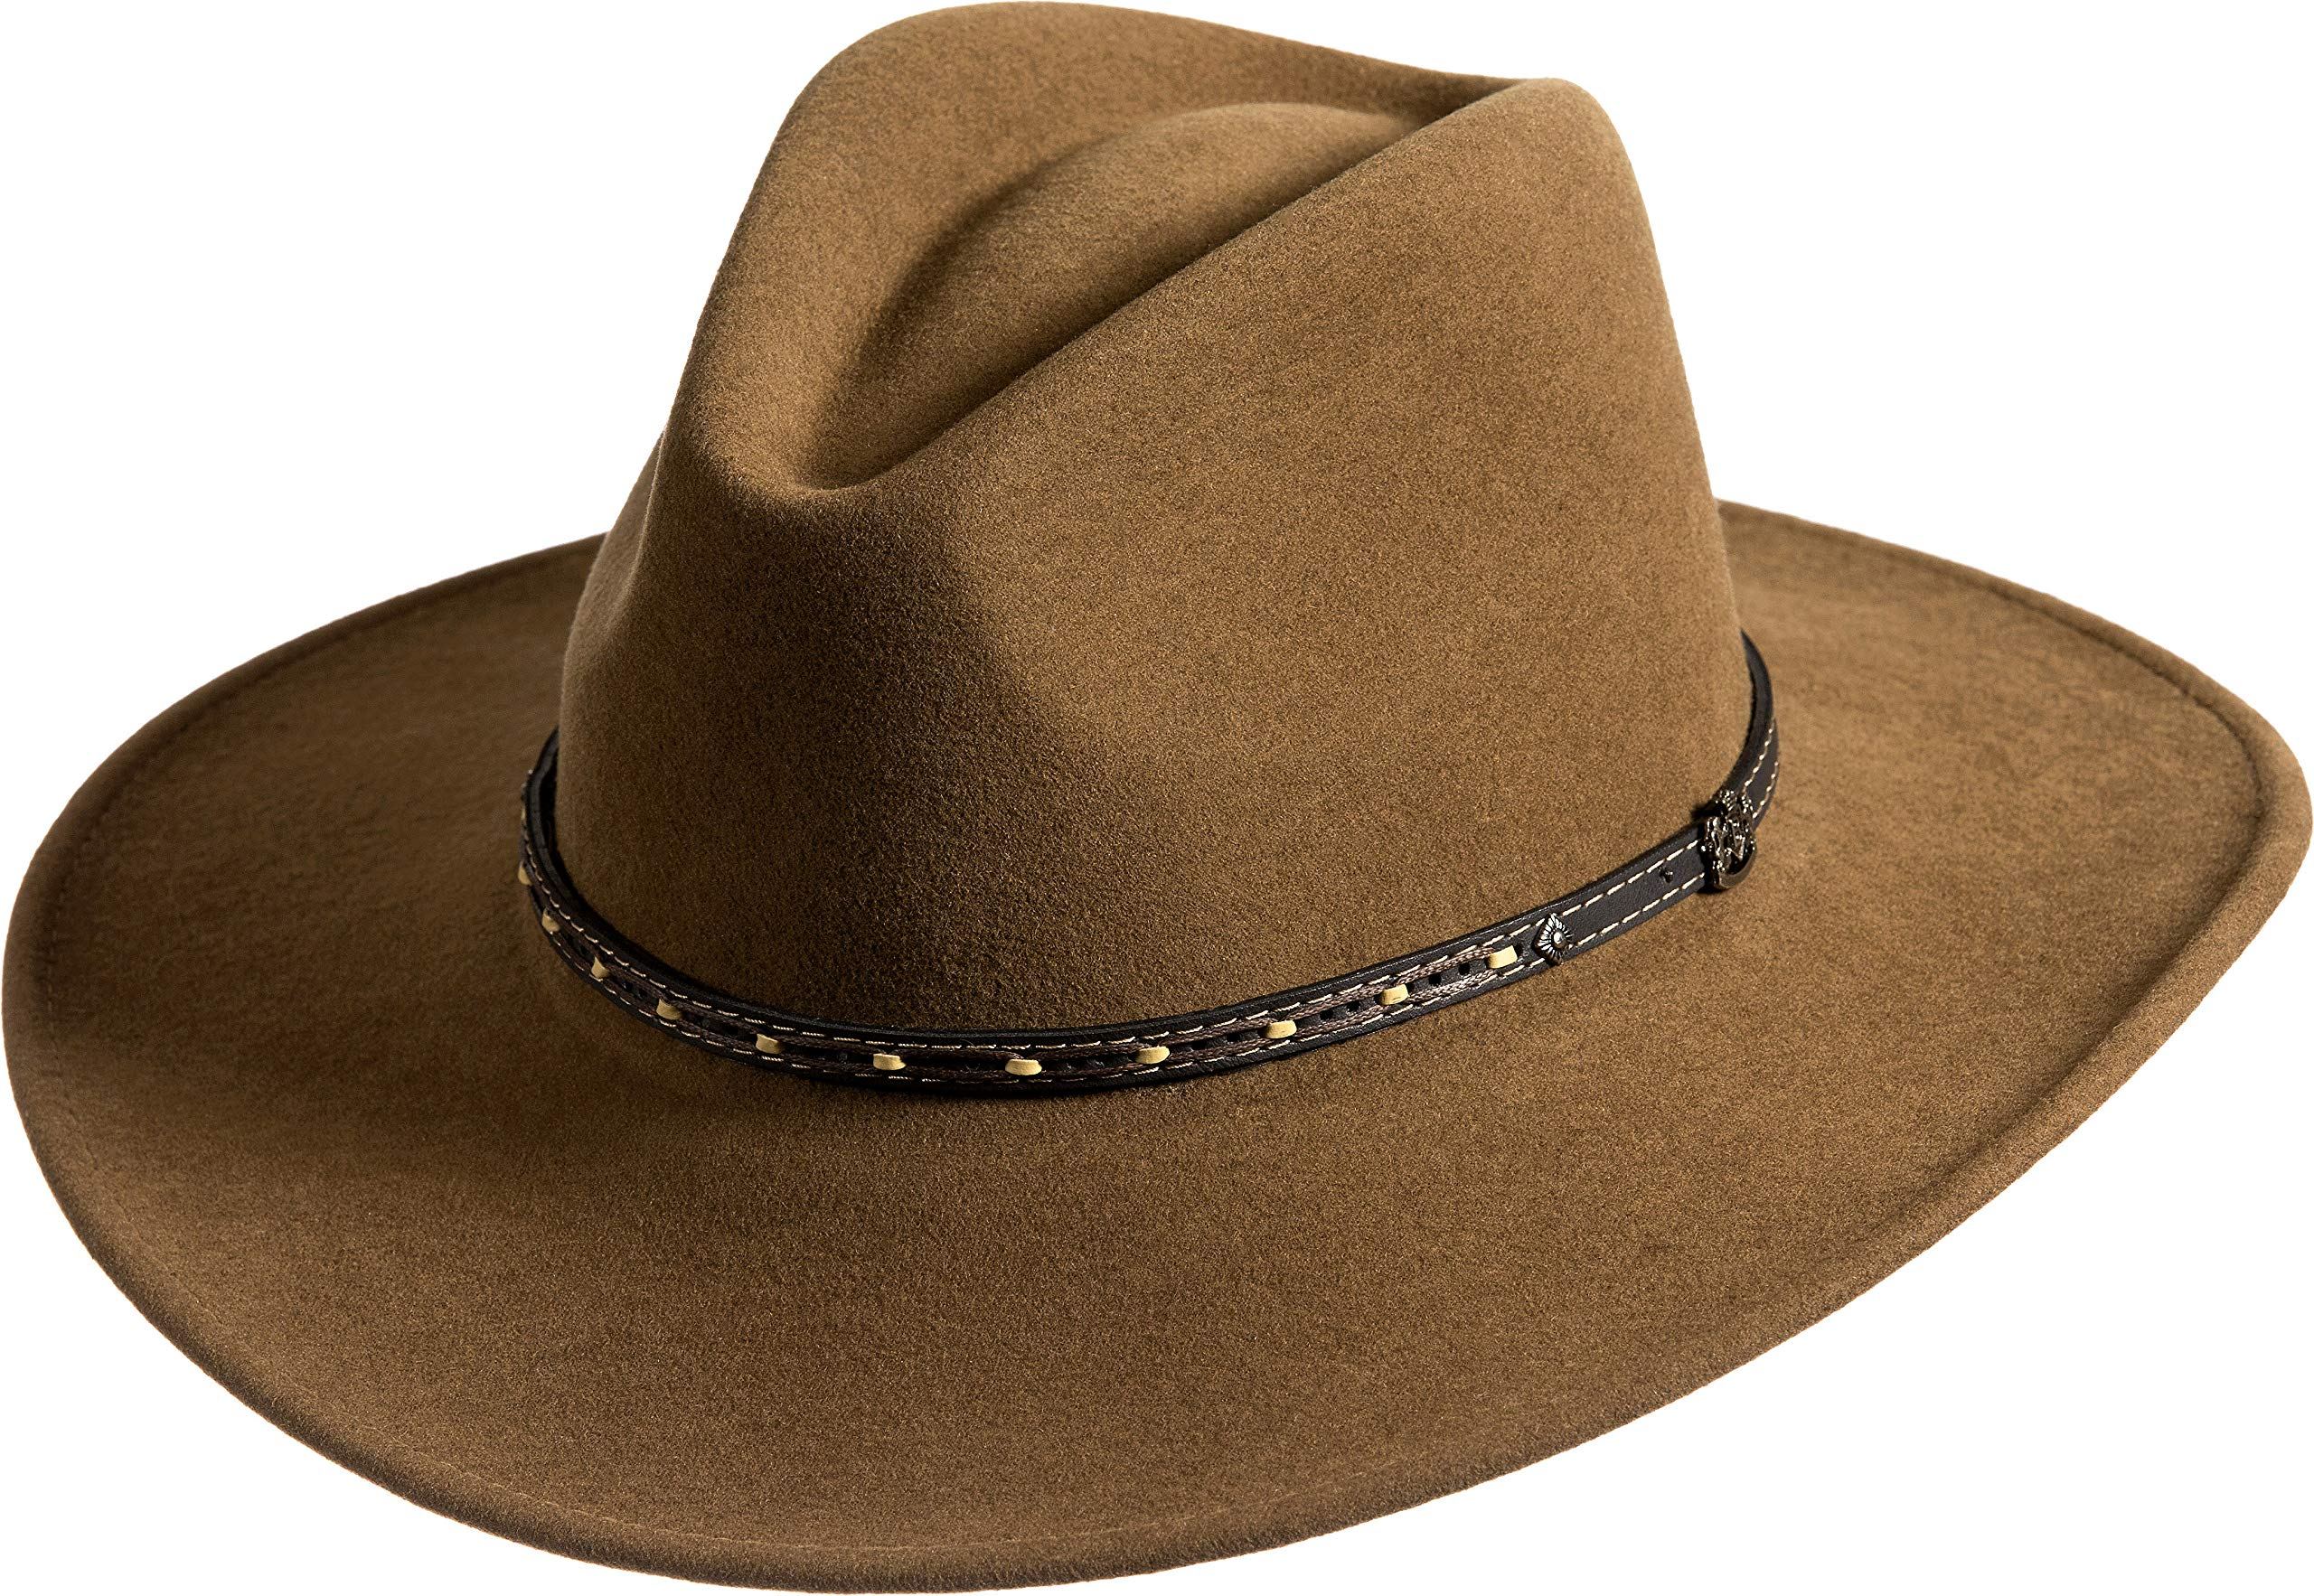 Overland Sheepskin Co Pathfinder Crushable Wool Felt Outback Hat